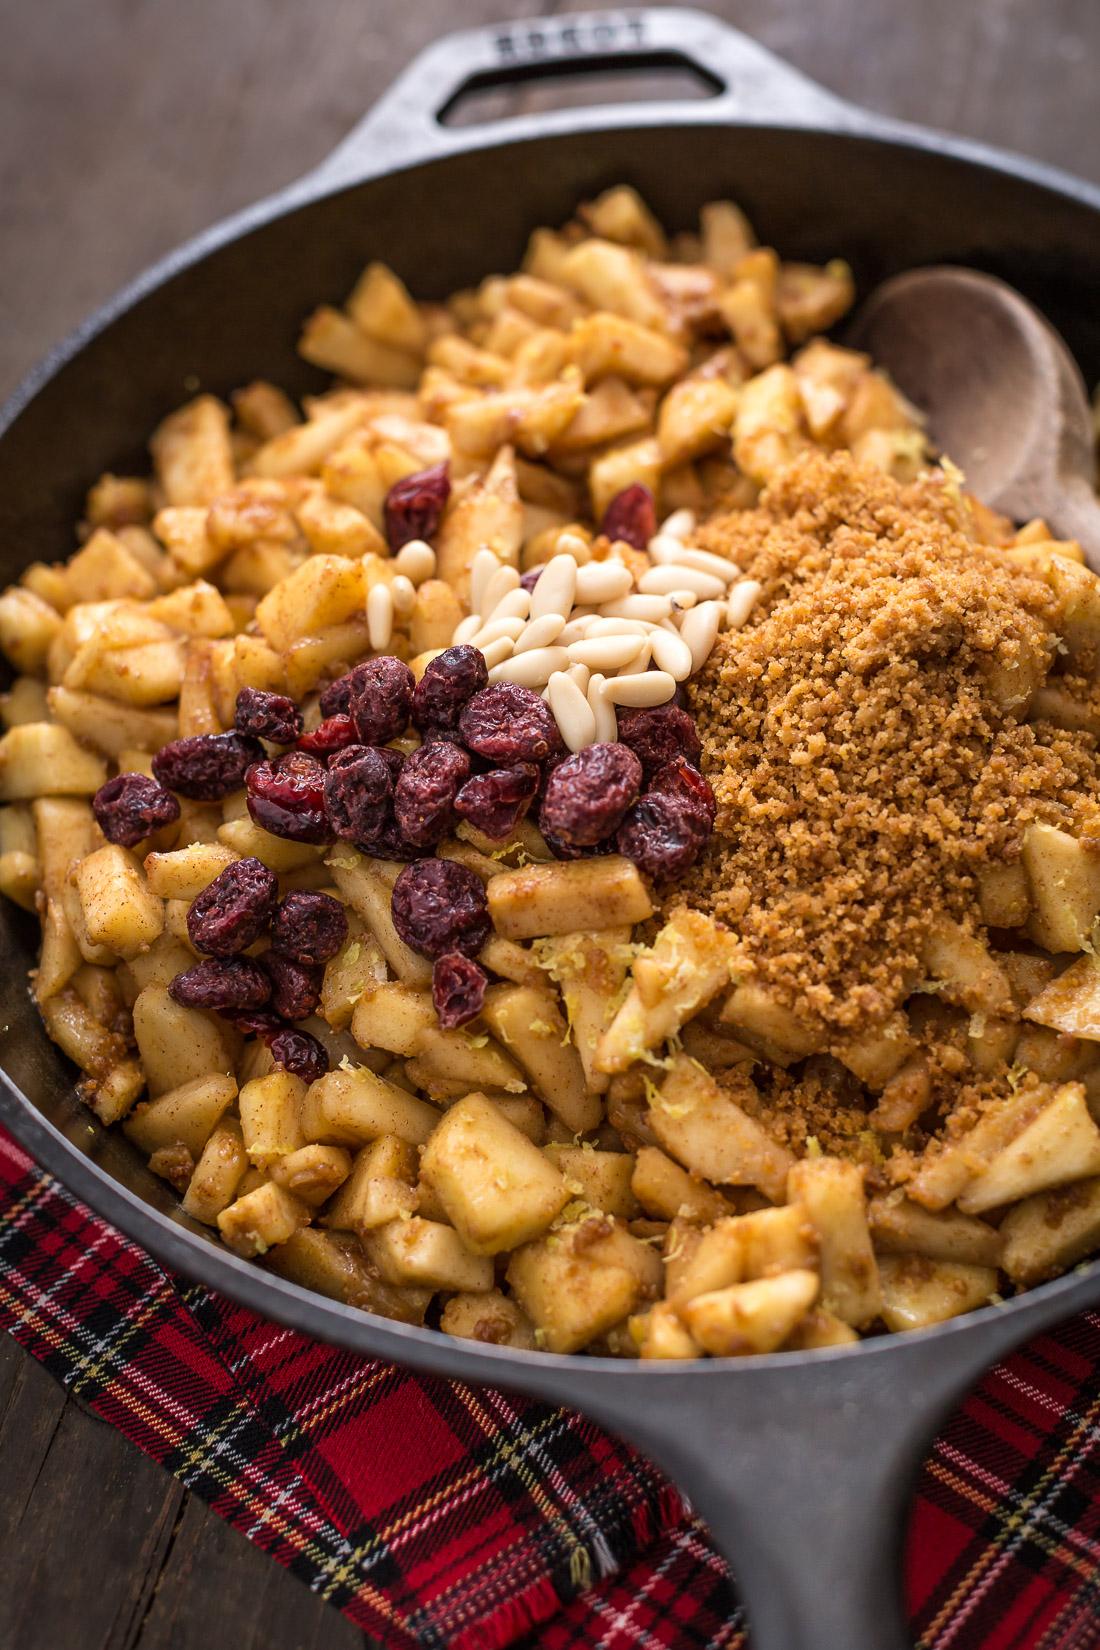 Vegan apple strudel recipe Ricetta Strudel di mele vegan senza uova senza burro come fare